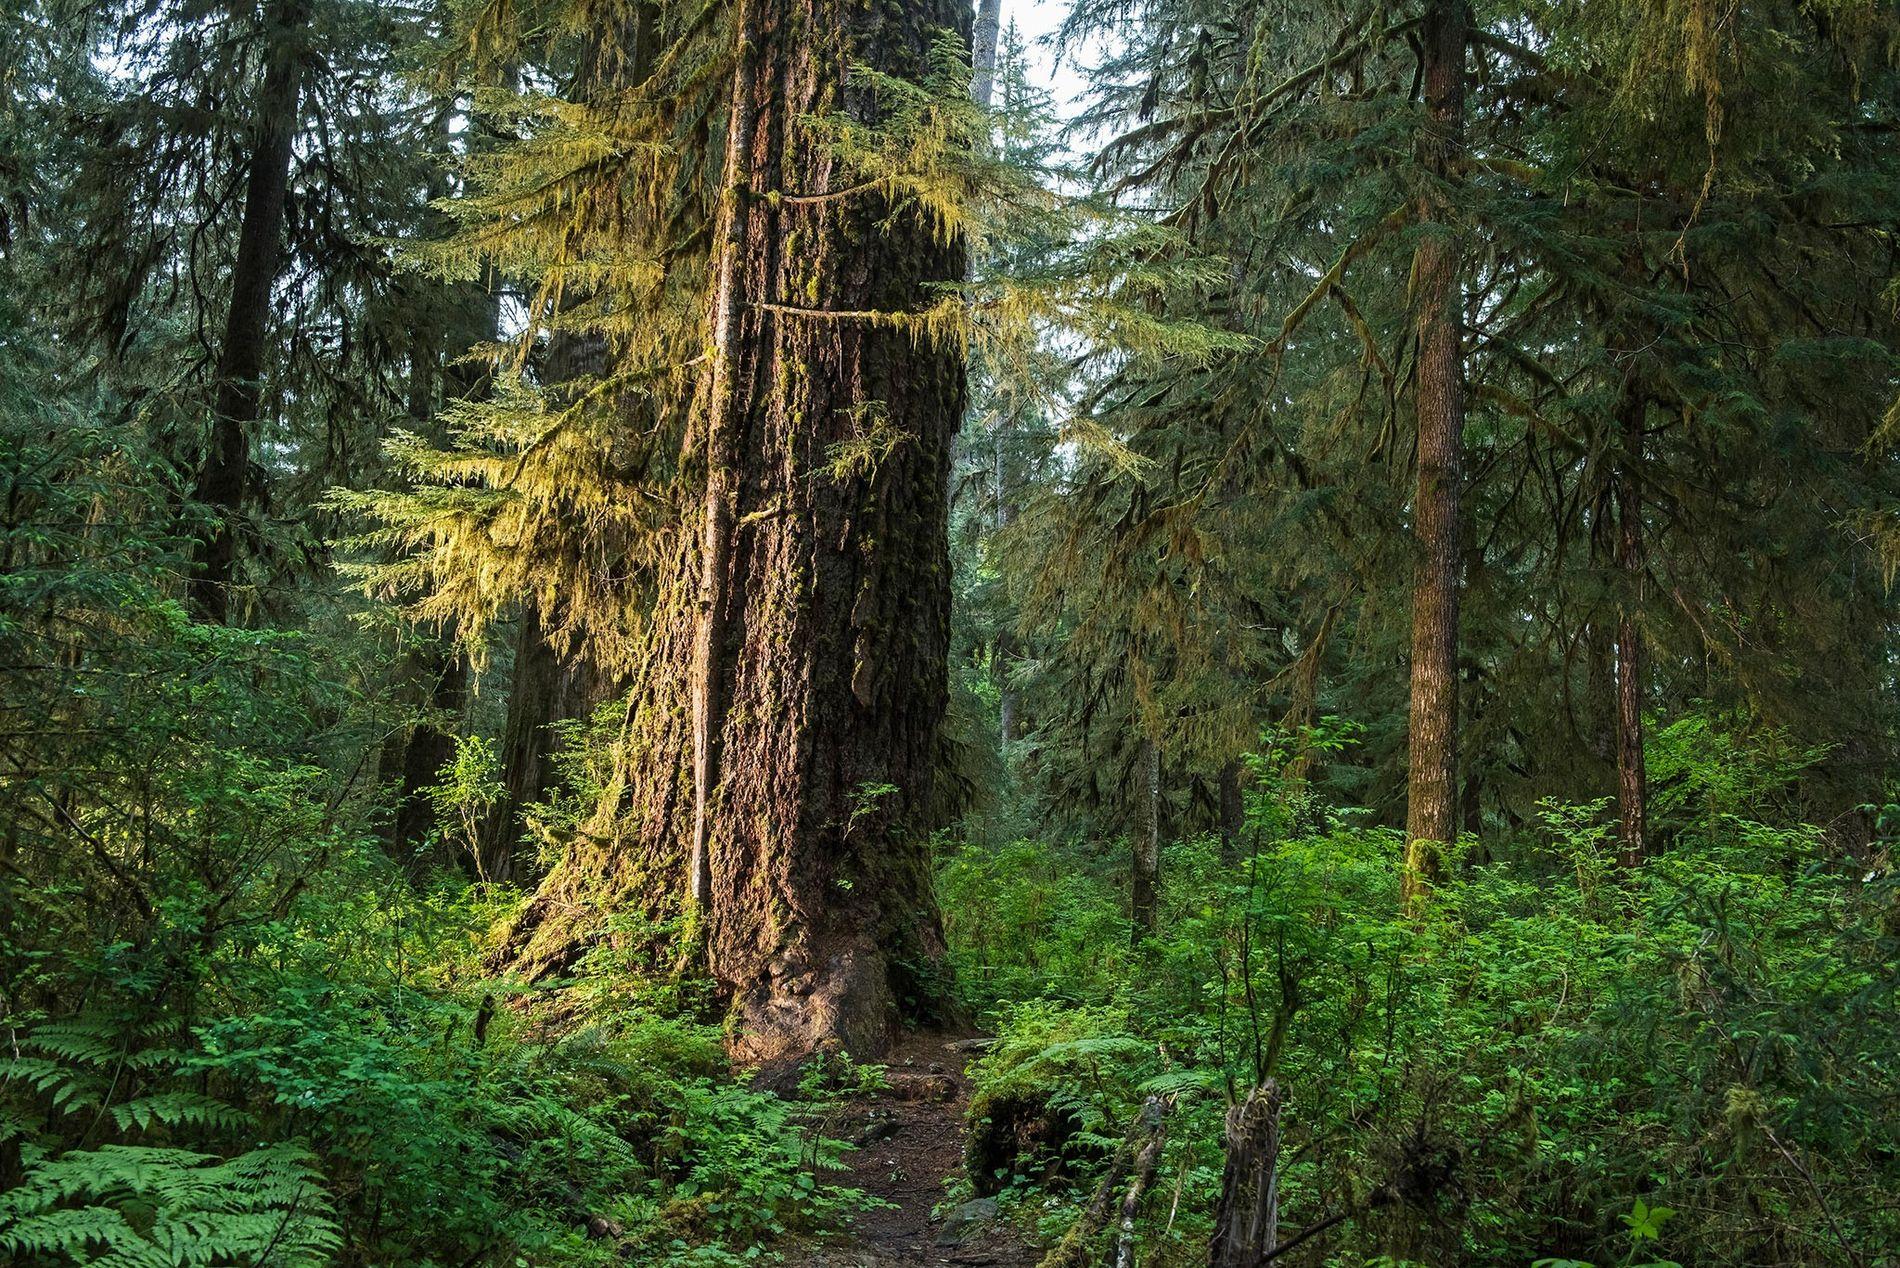 Florestas como a Hall of Mosses (Floresta de Musgos) no Parque Nacional Olympic em Washington constituem ...